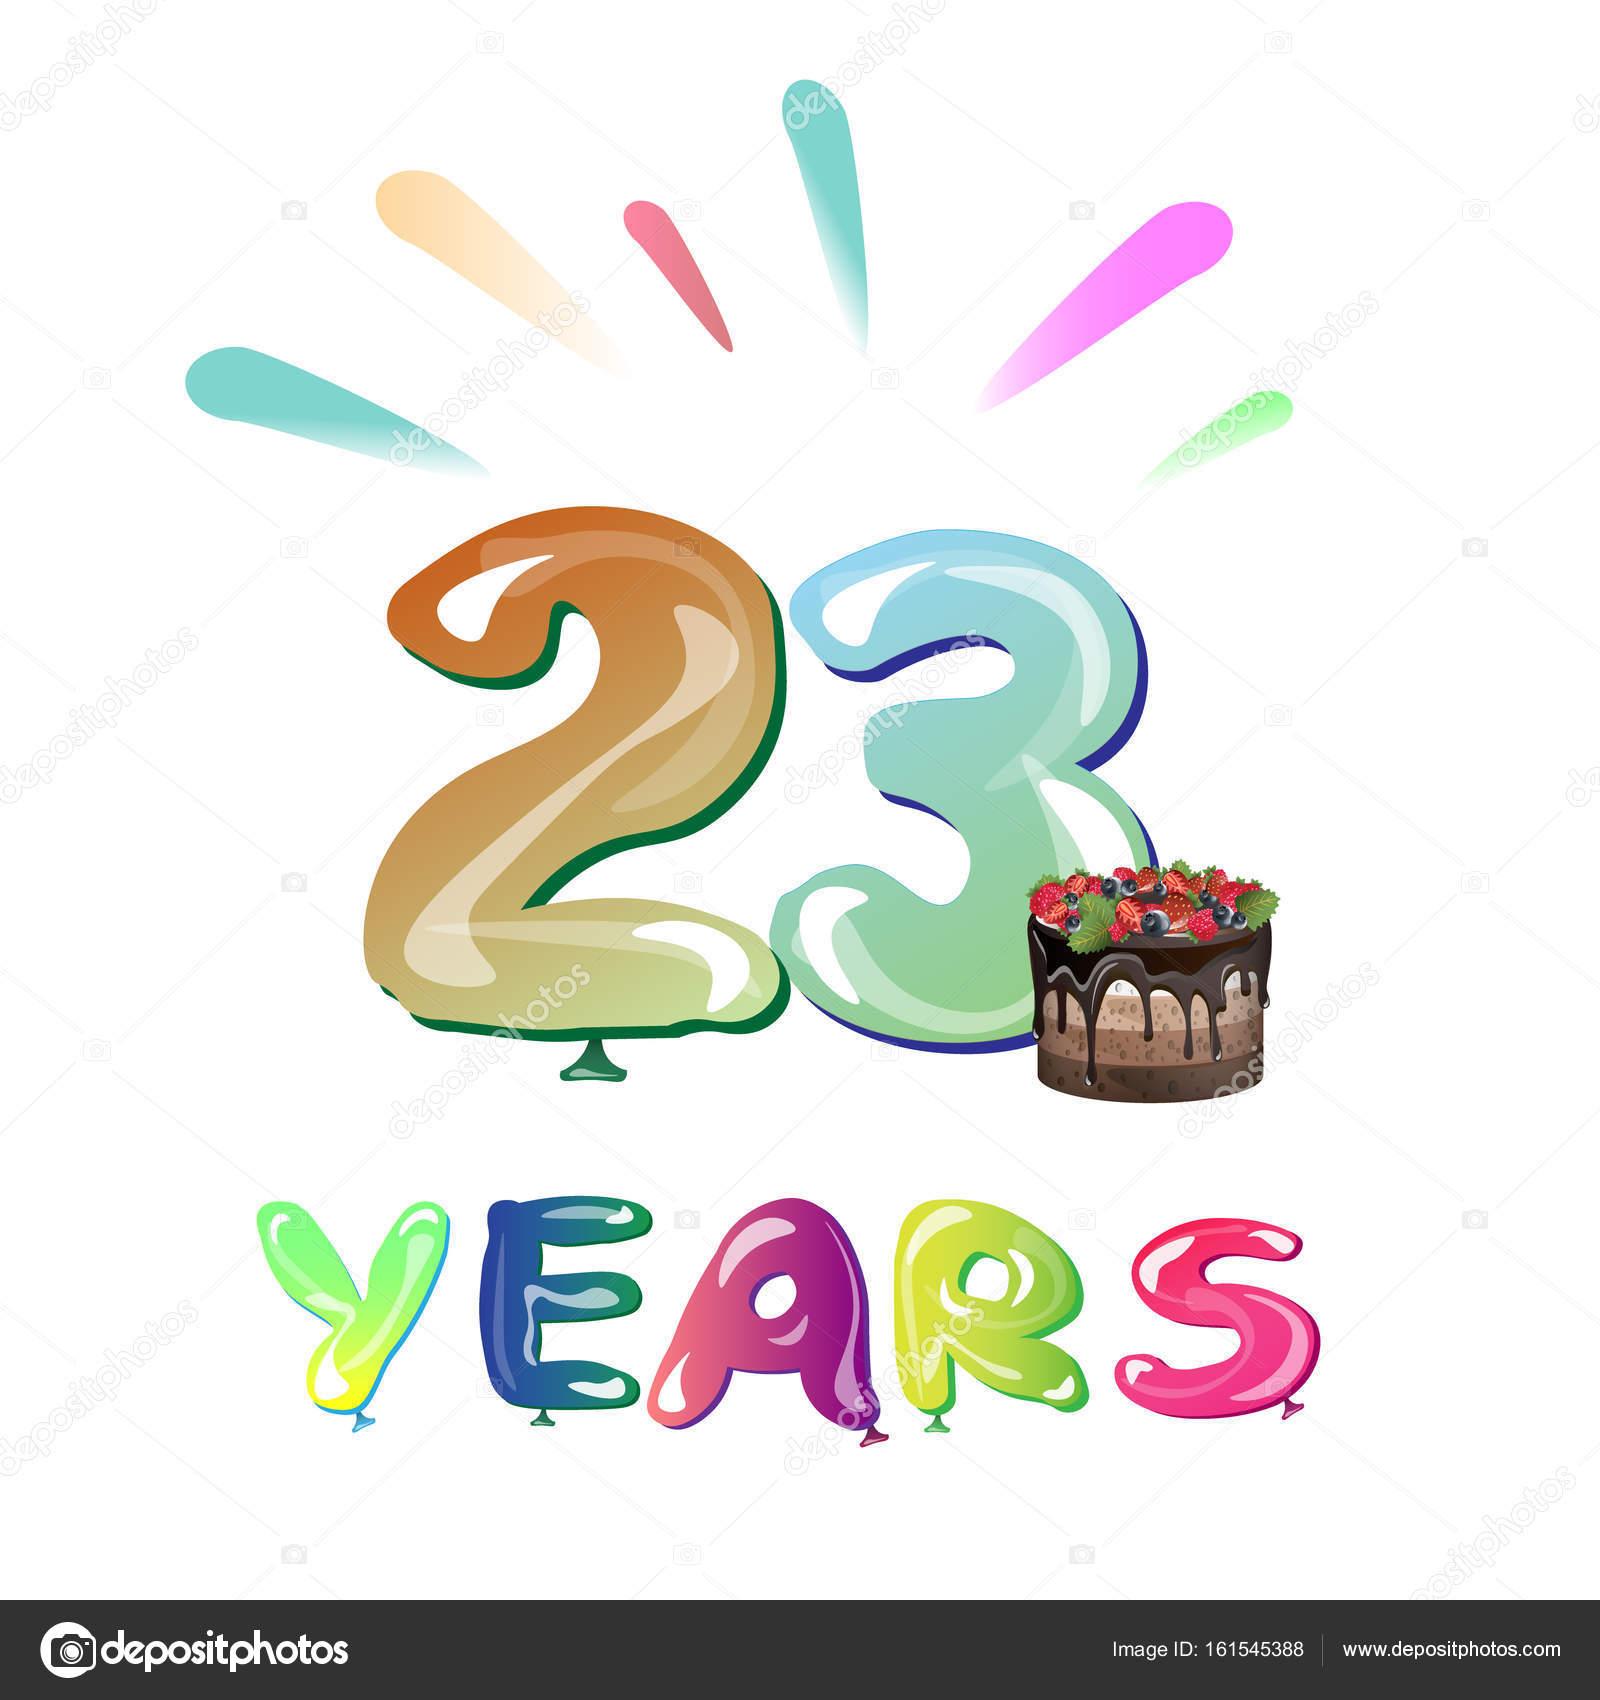 grattis på årsdagen Grattis på årsdagen 23 år — Stock Vektor © sasha_zerg #161545388 grattis på årsdagen